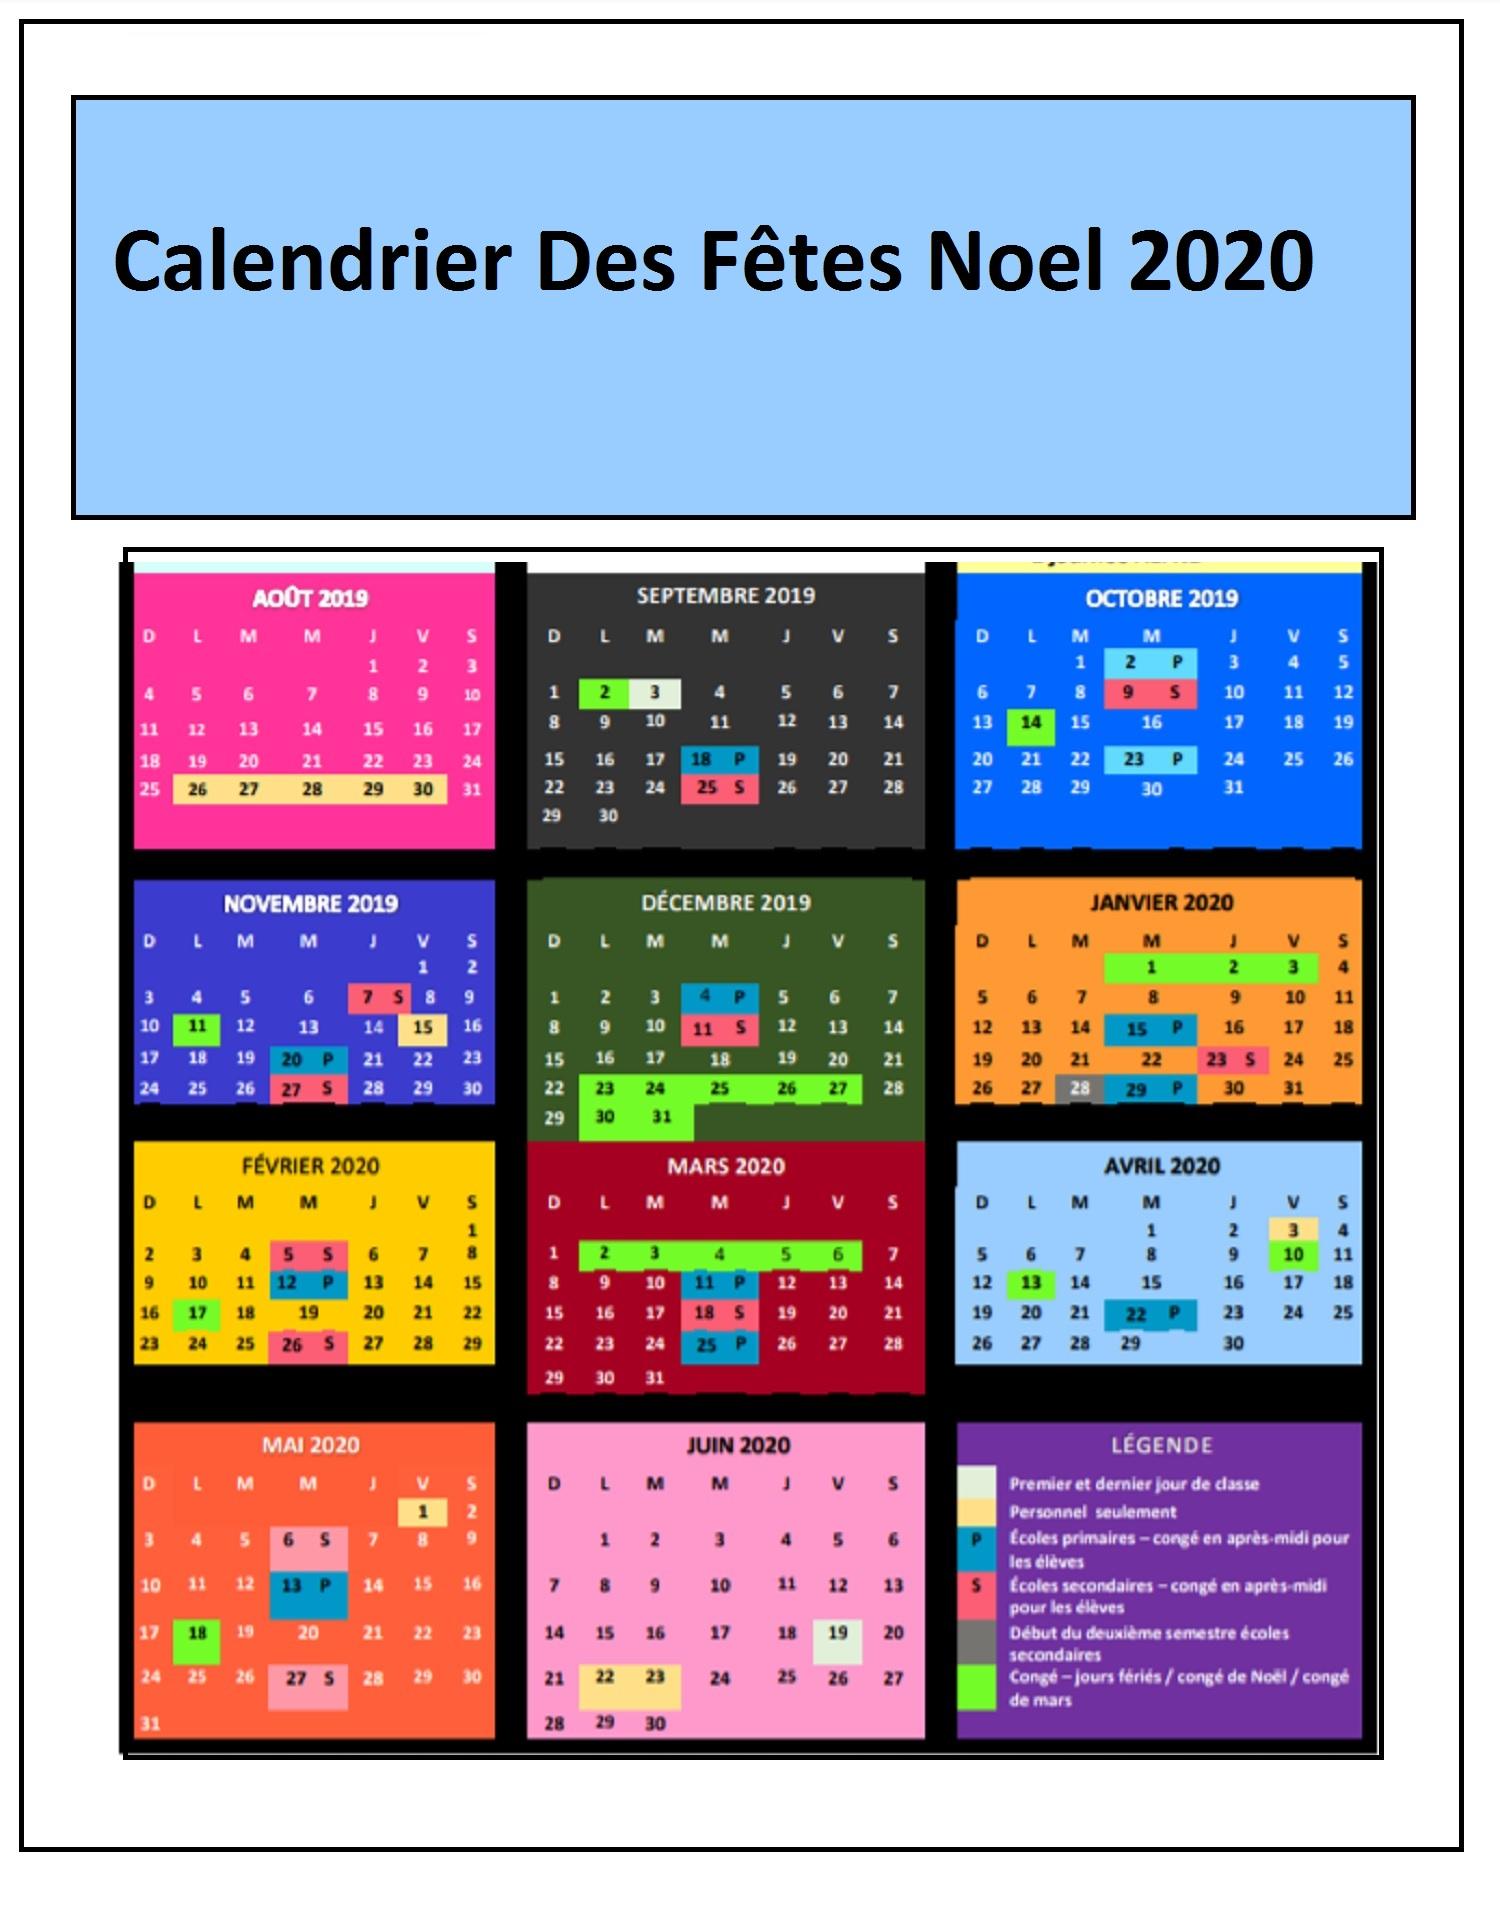 Calendrier La fête de Noël 2020